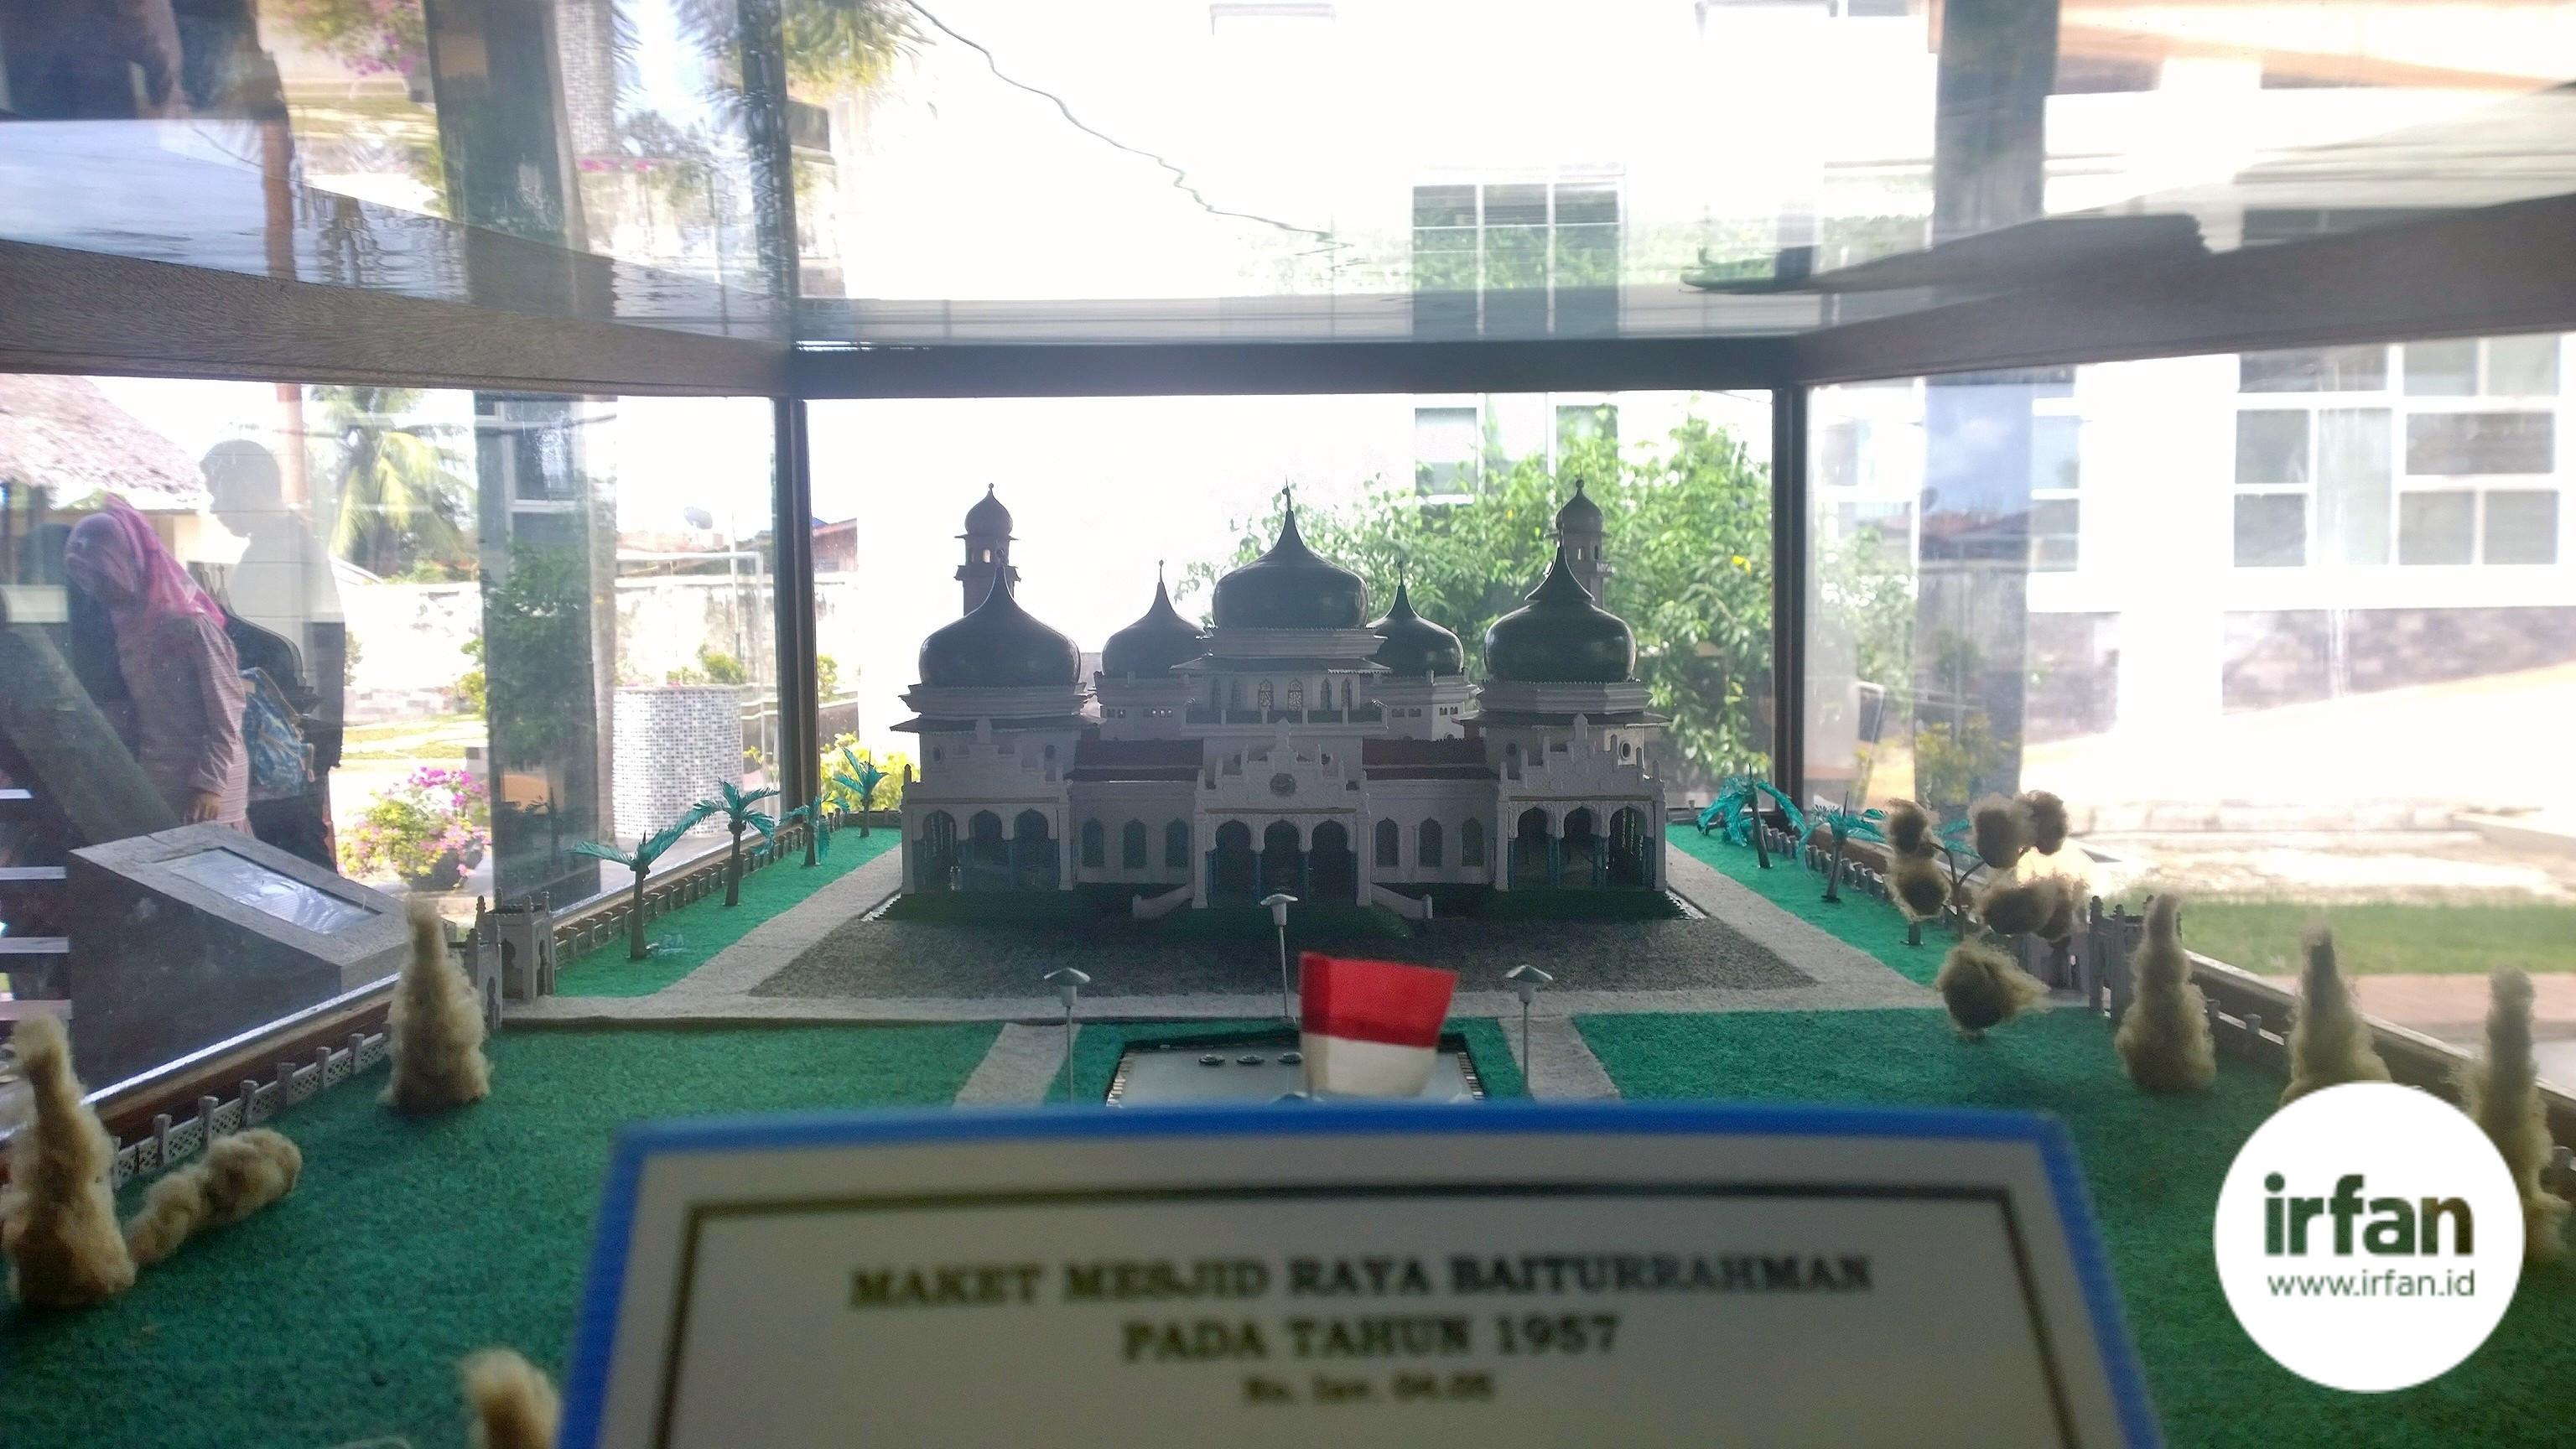 FOTO: Museum Negeri Aceh, Wisata Sejarah Yang Wajib Dikunjungi 53